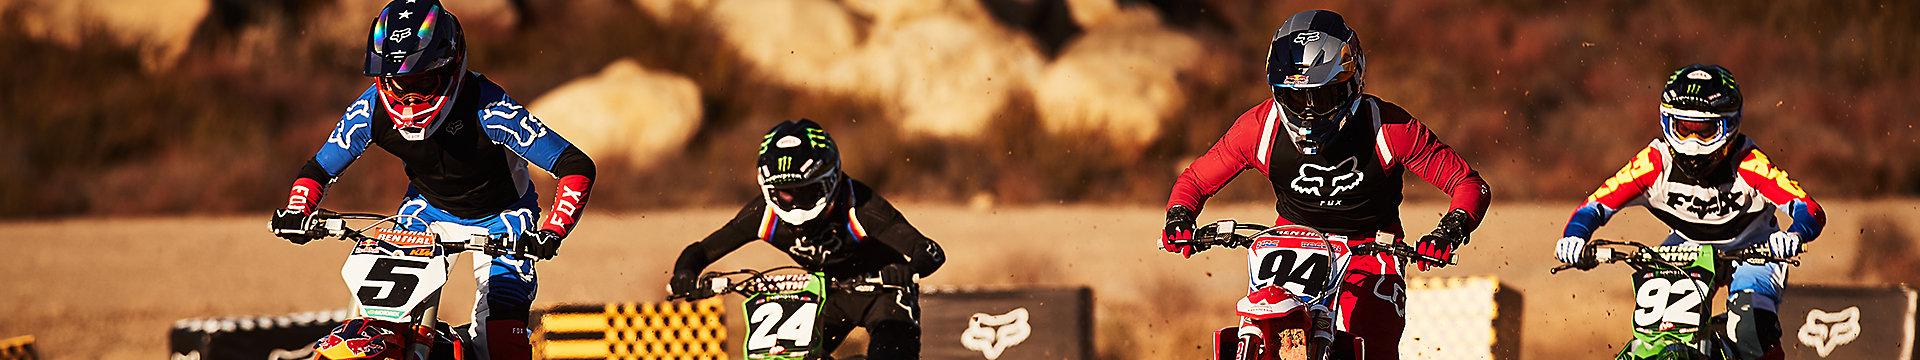 Dirt Bike & Motocross Gear Sets - Fox Racing Moto - Official